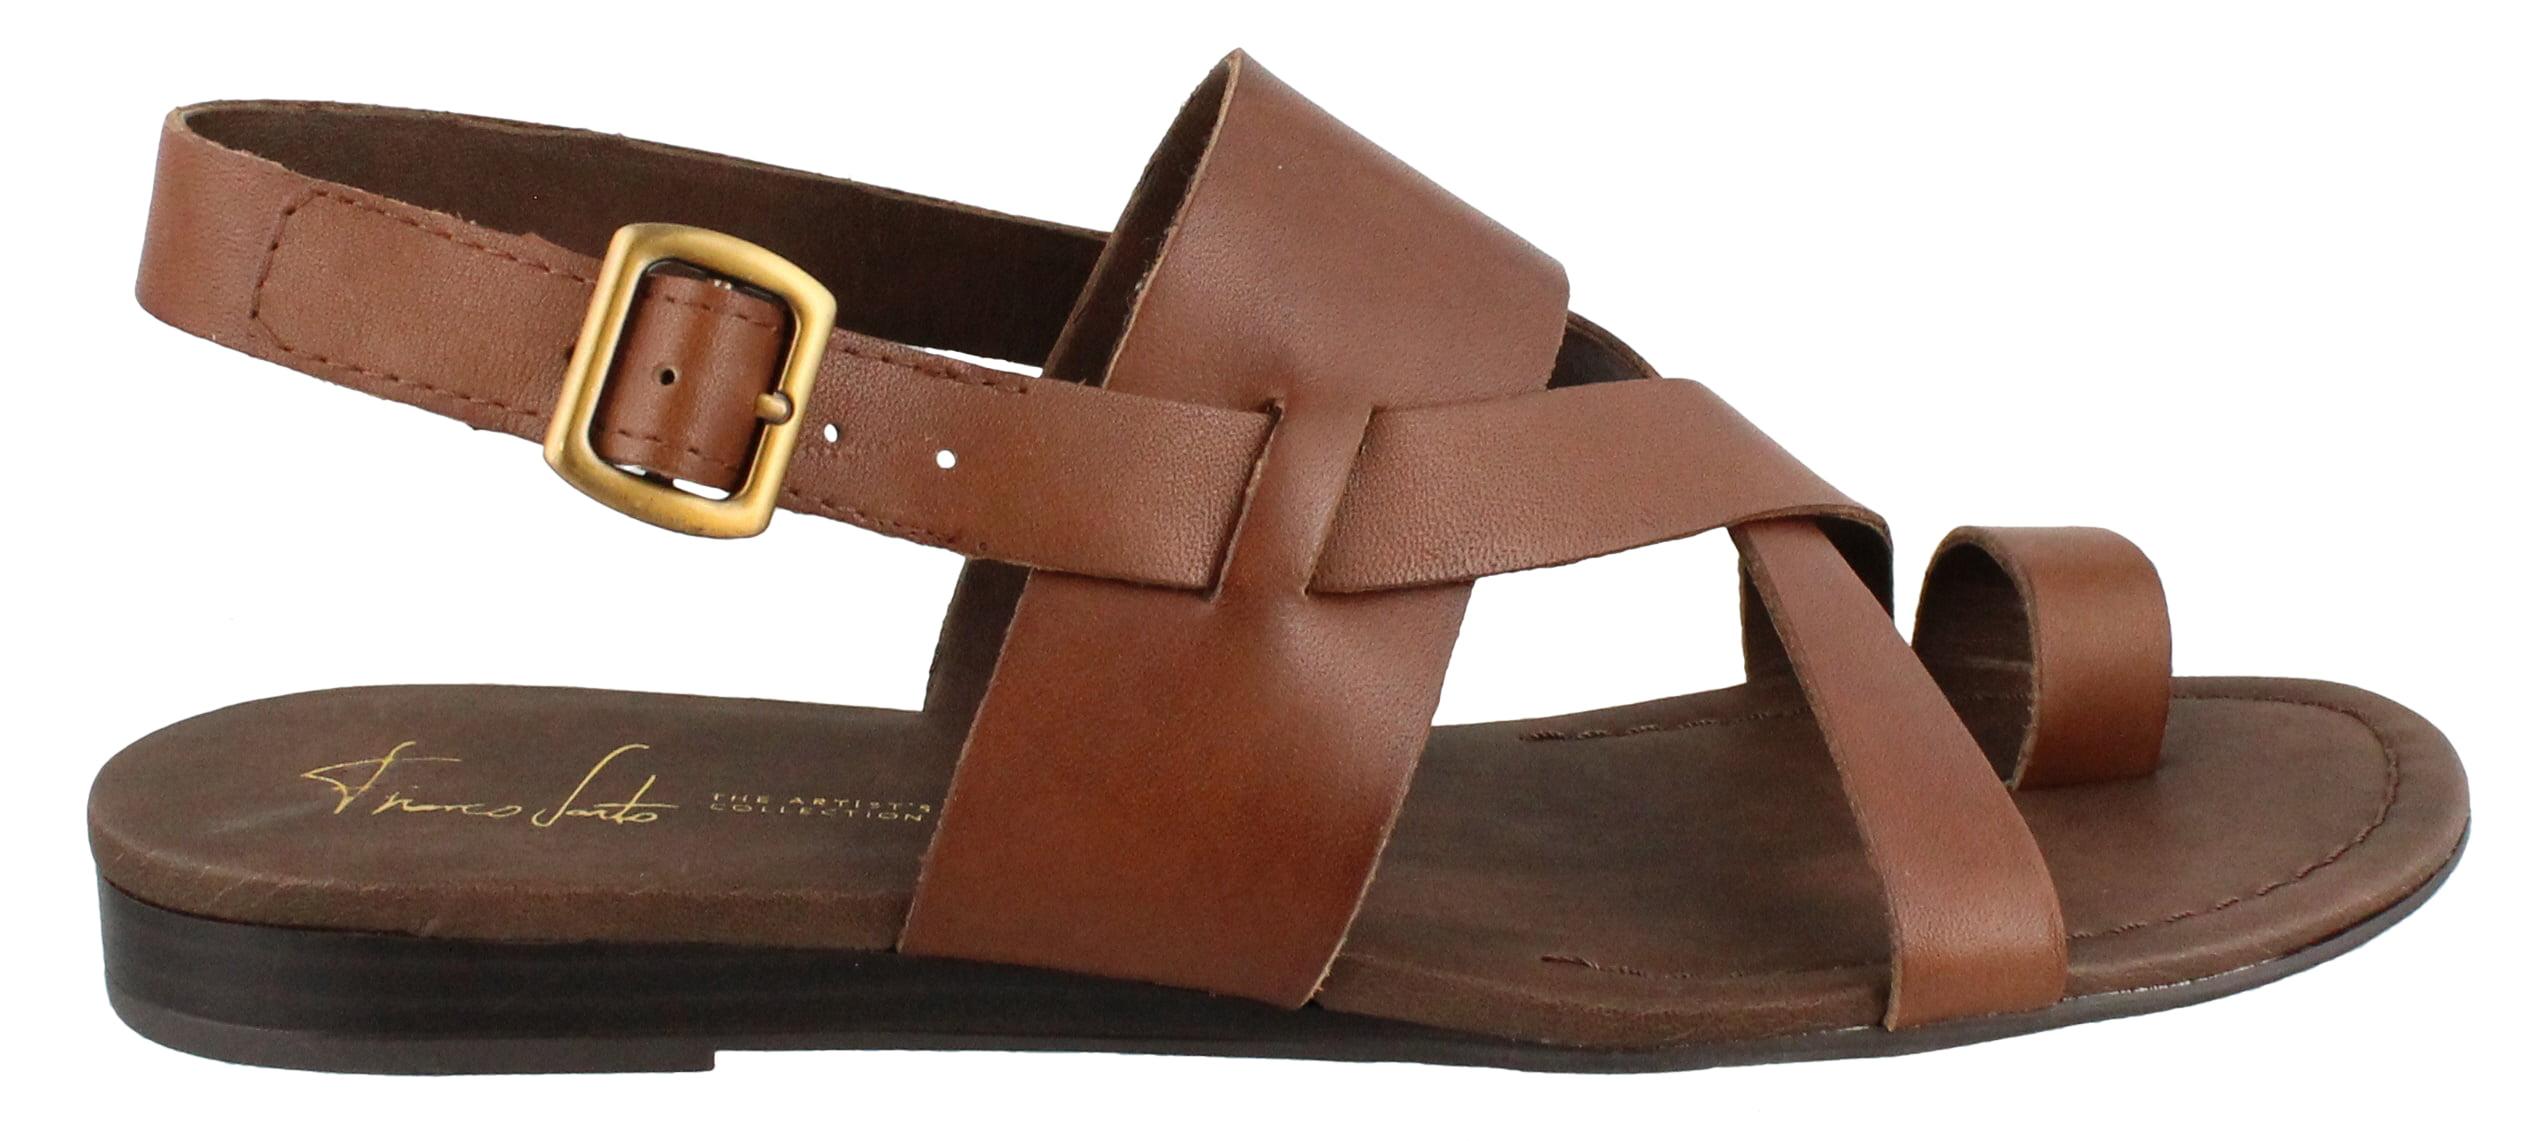 f6fcc17fe4de Franco sarto womens franco sarto gia low heel casual sandals jpg 2547x1141 Franco  sarto rubber soles